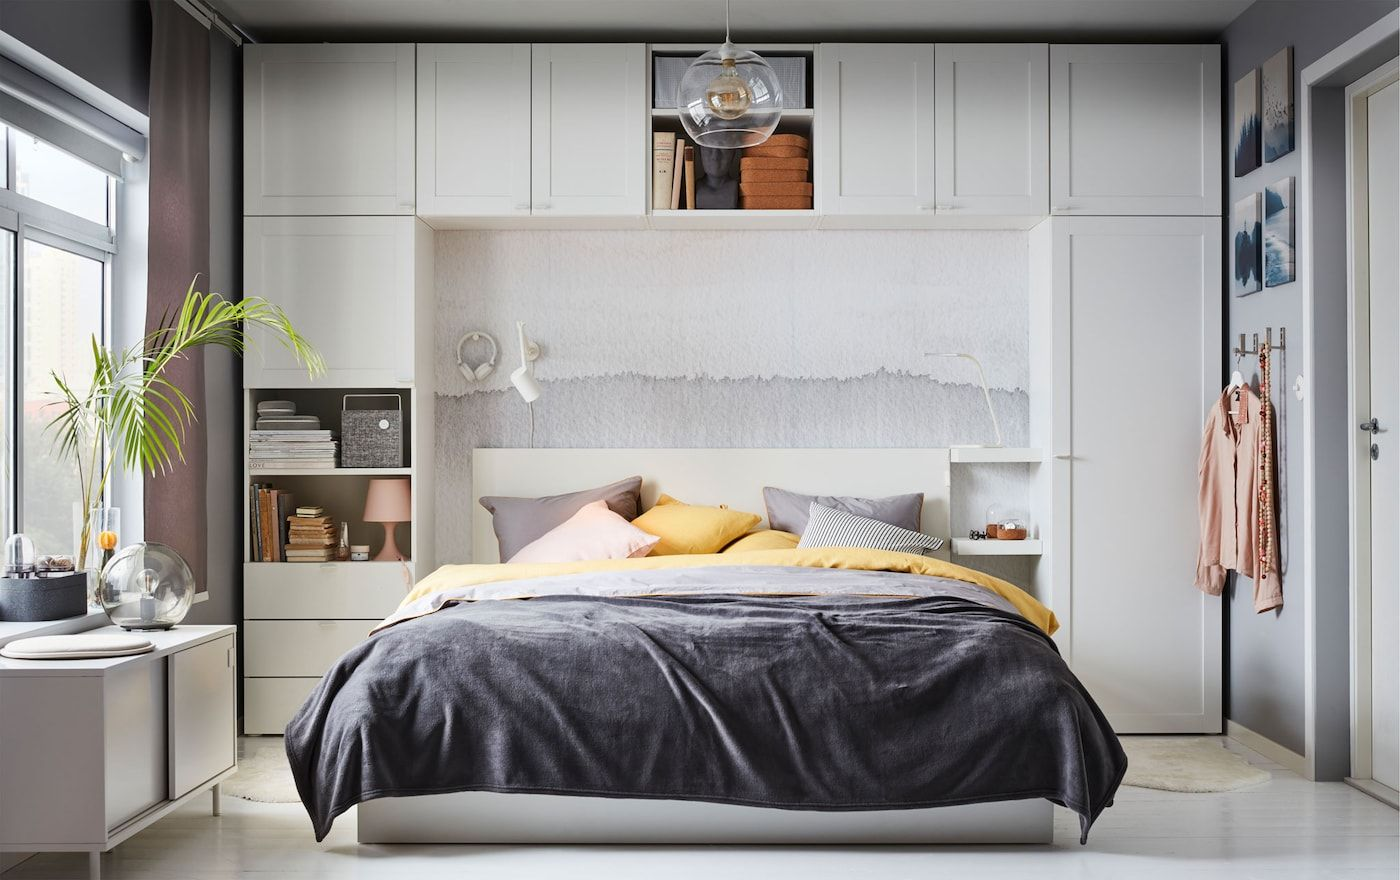 Rangez Autour De Votre Lit Small Bedroom Storage Bedroom Storage Ikea Bedroom